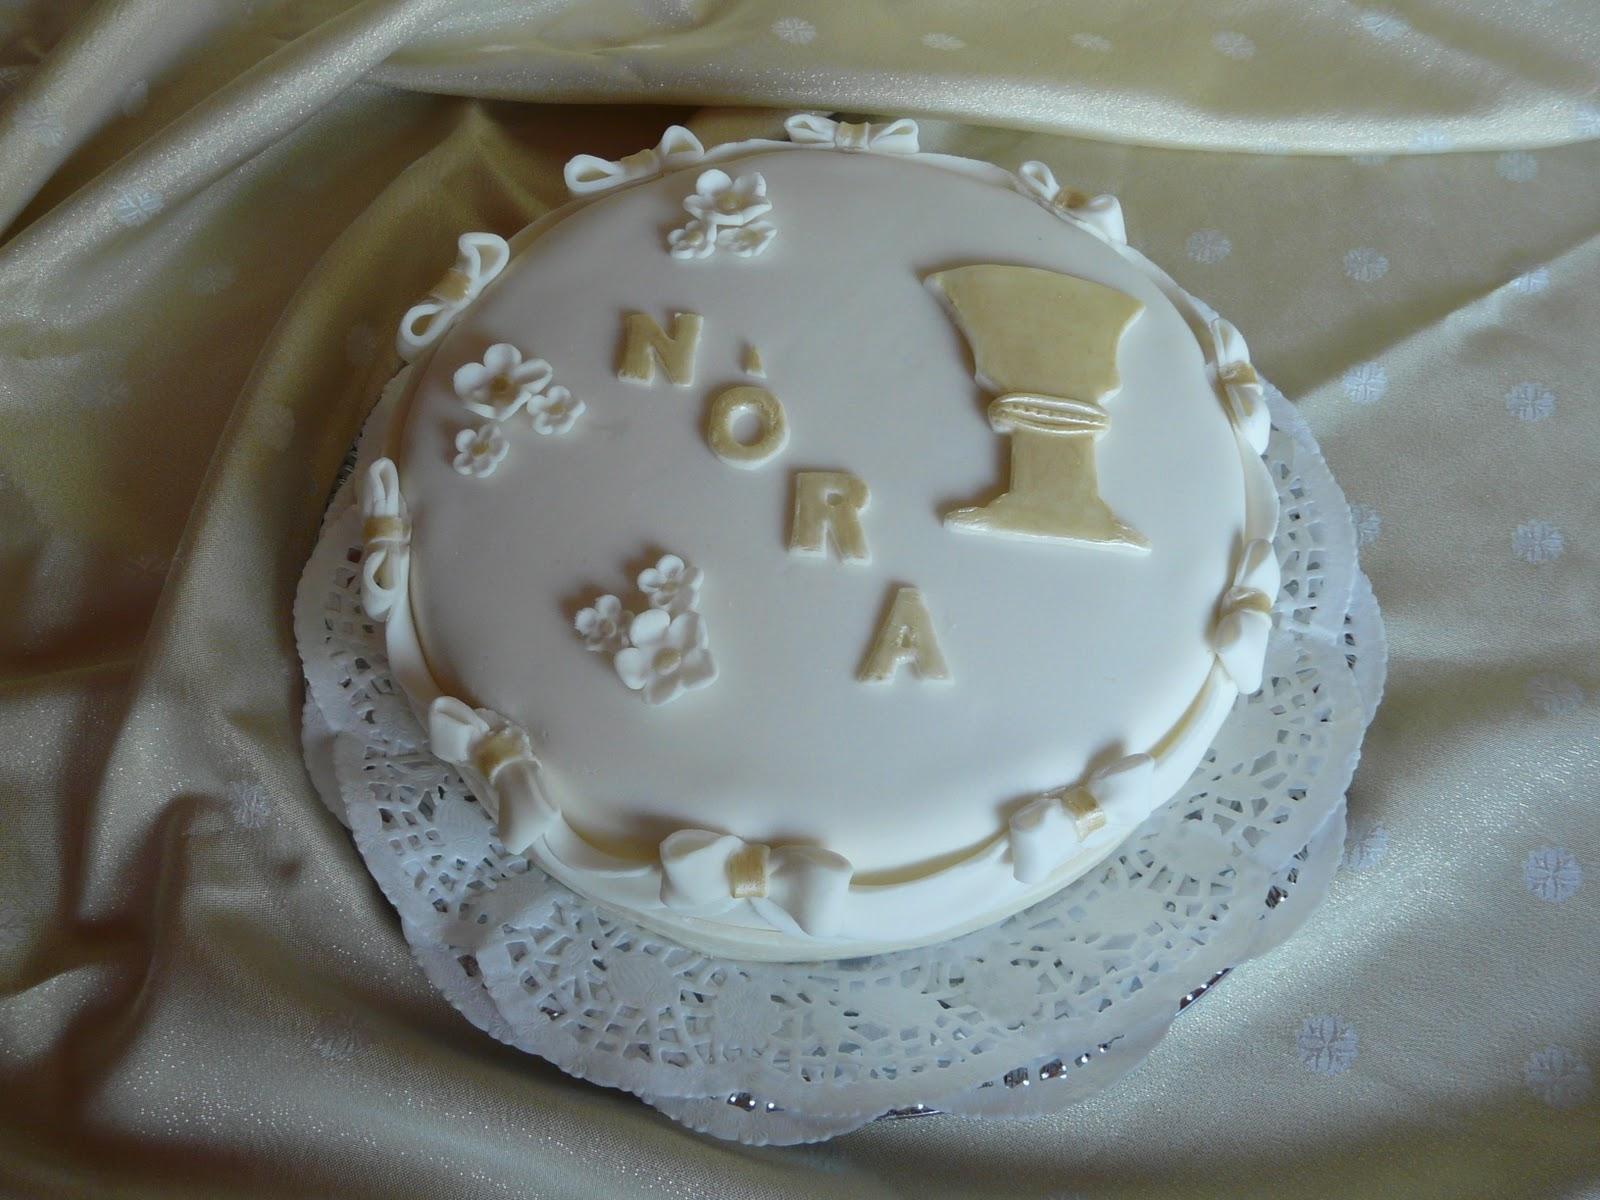 keresztelő torta képek Lizi Tortái: Keresztelő torta /Christening cake keresztelő torta képek